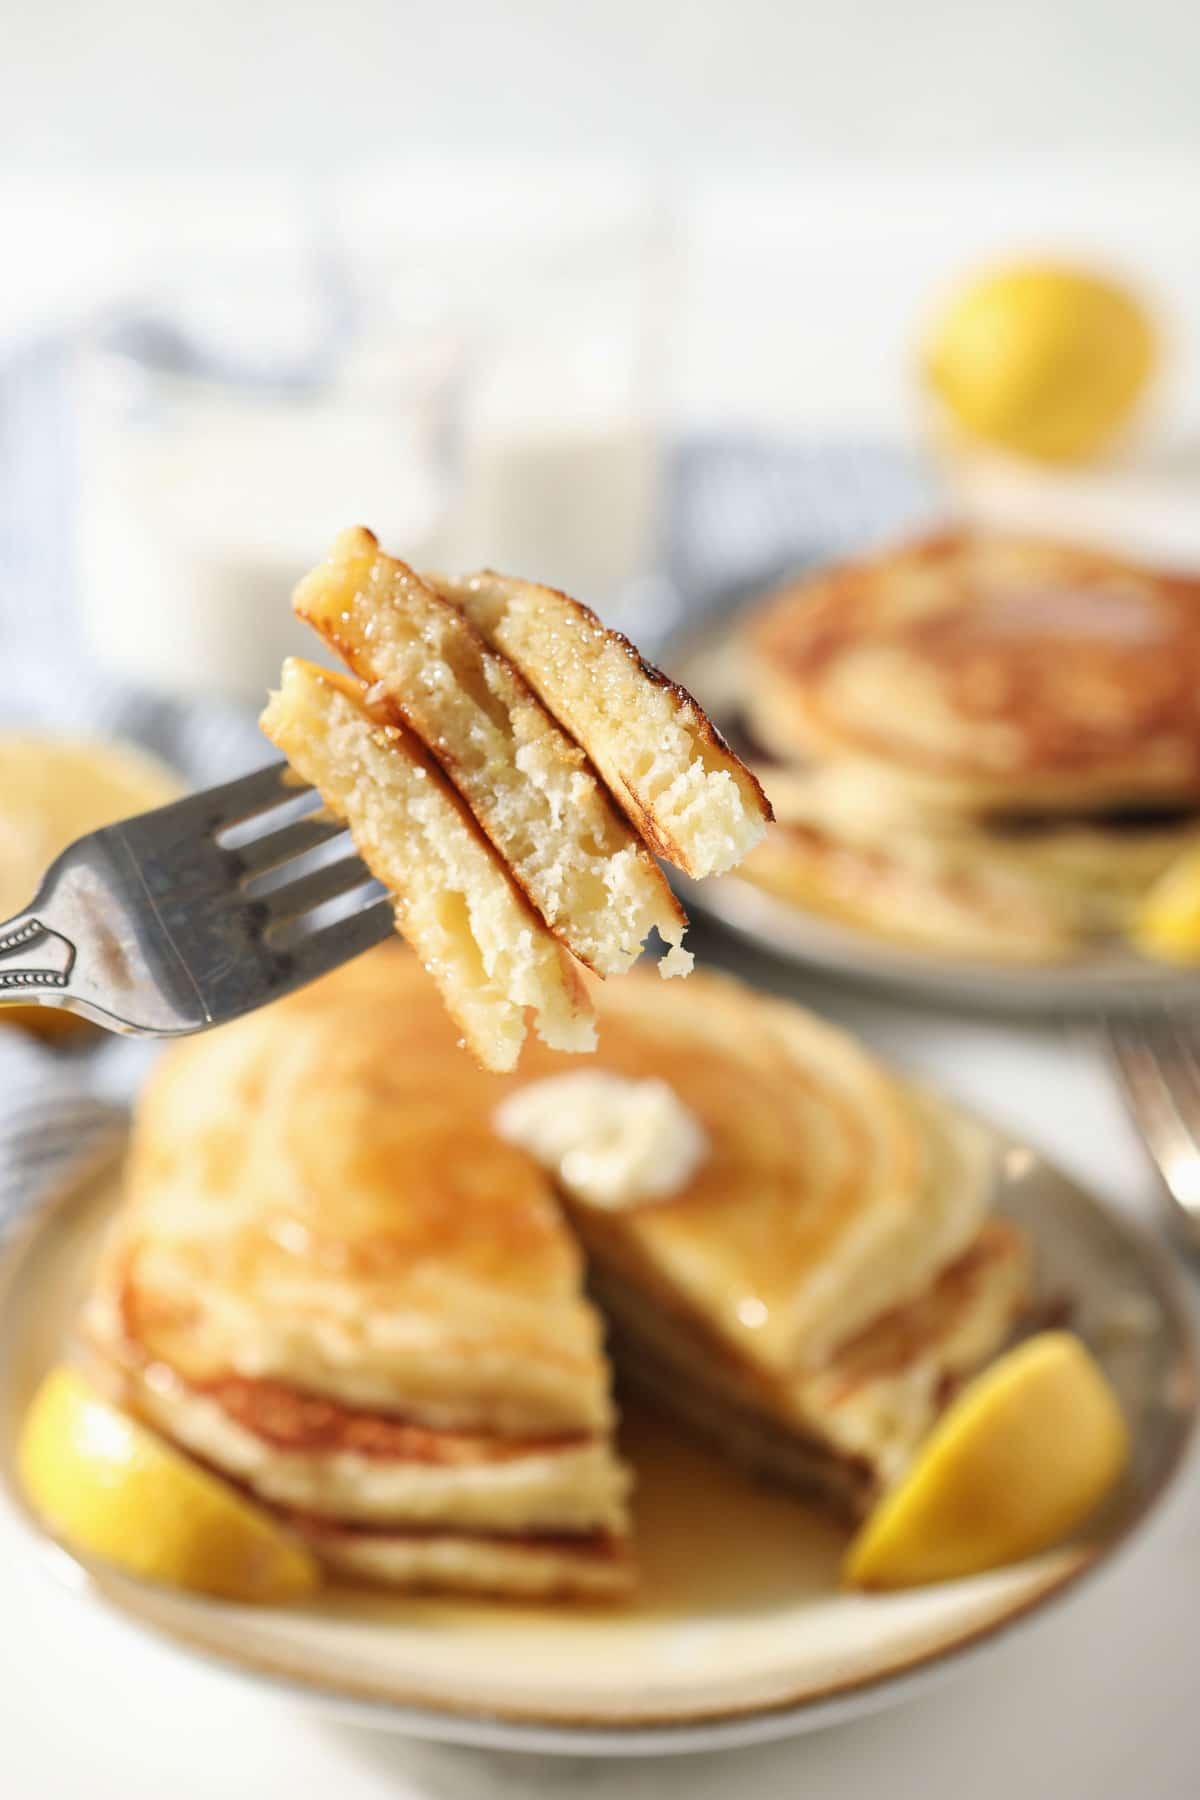 Pancake layers on fork.